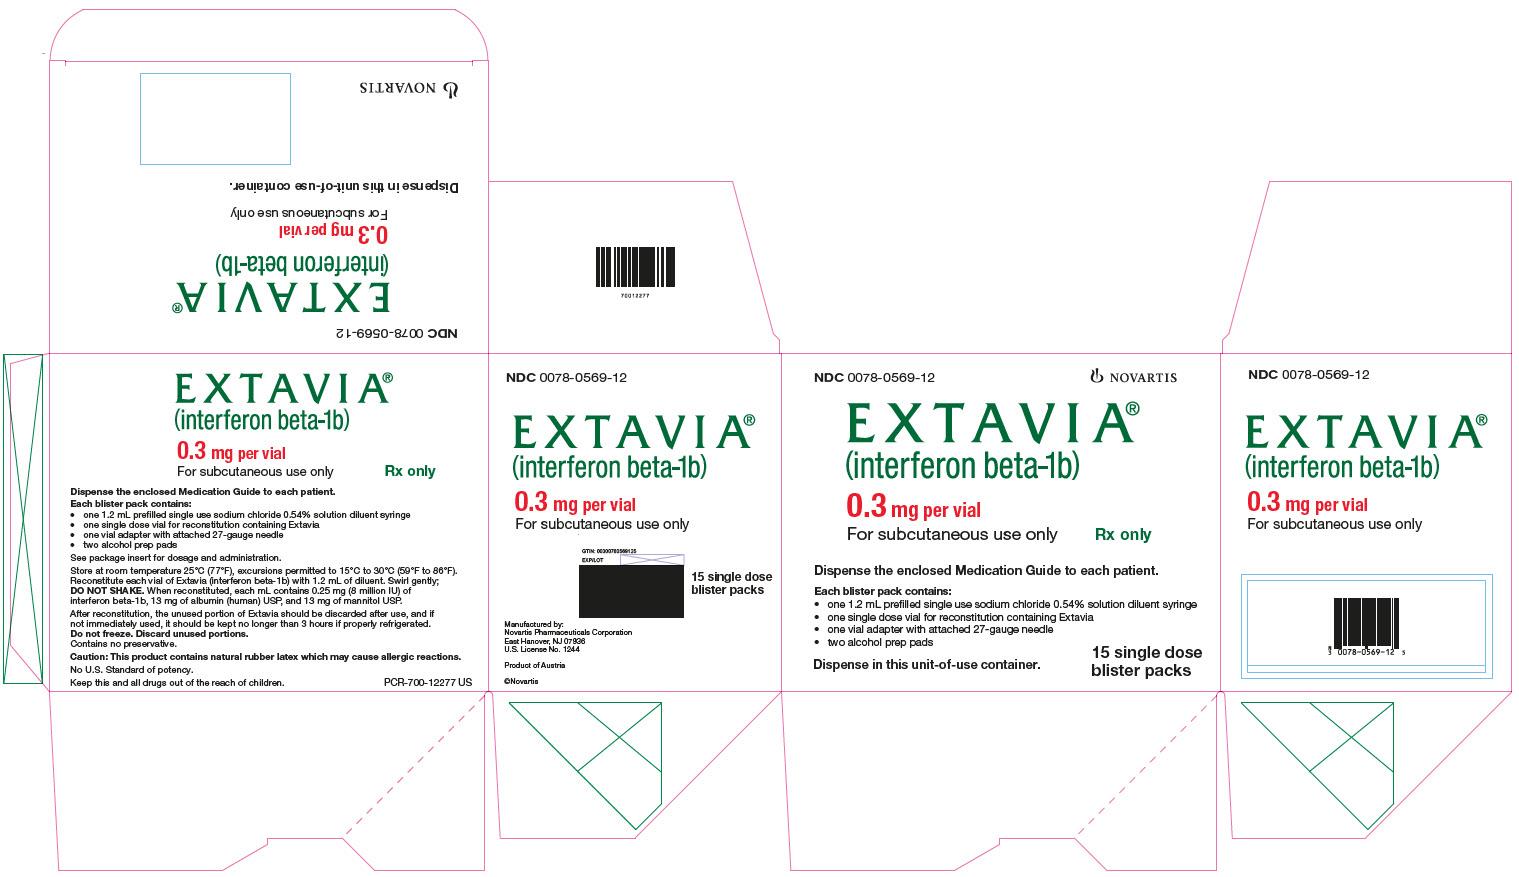 PRINCIPAL DISPLAY PANEL EXTAVIA (interferon beta-1b) 0.3 mg per vial For subcutaneous use only